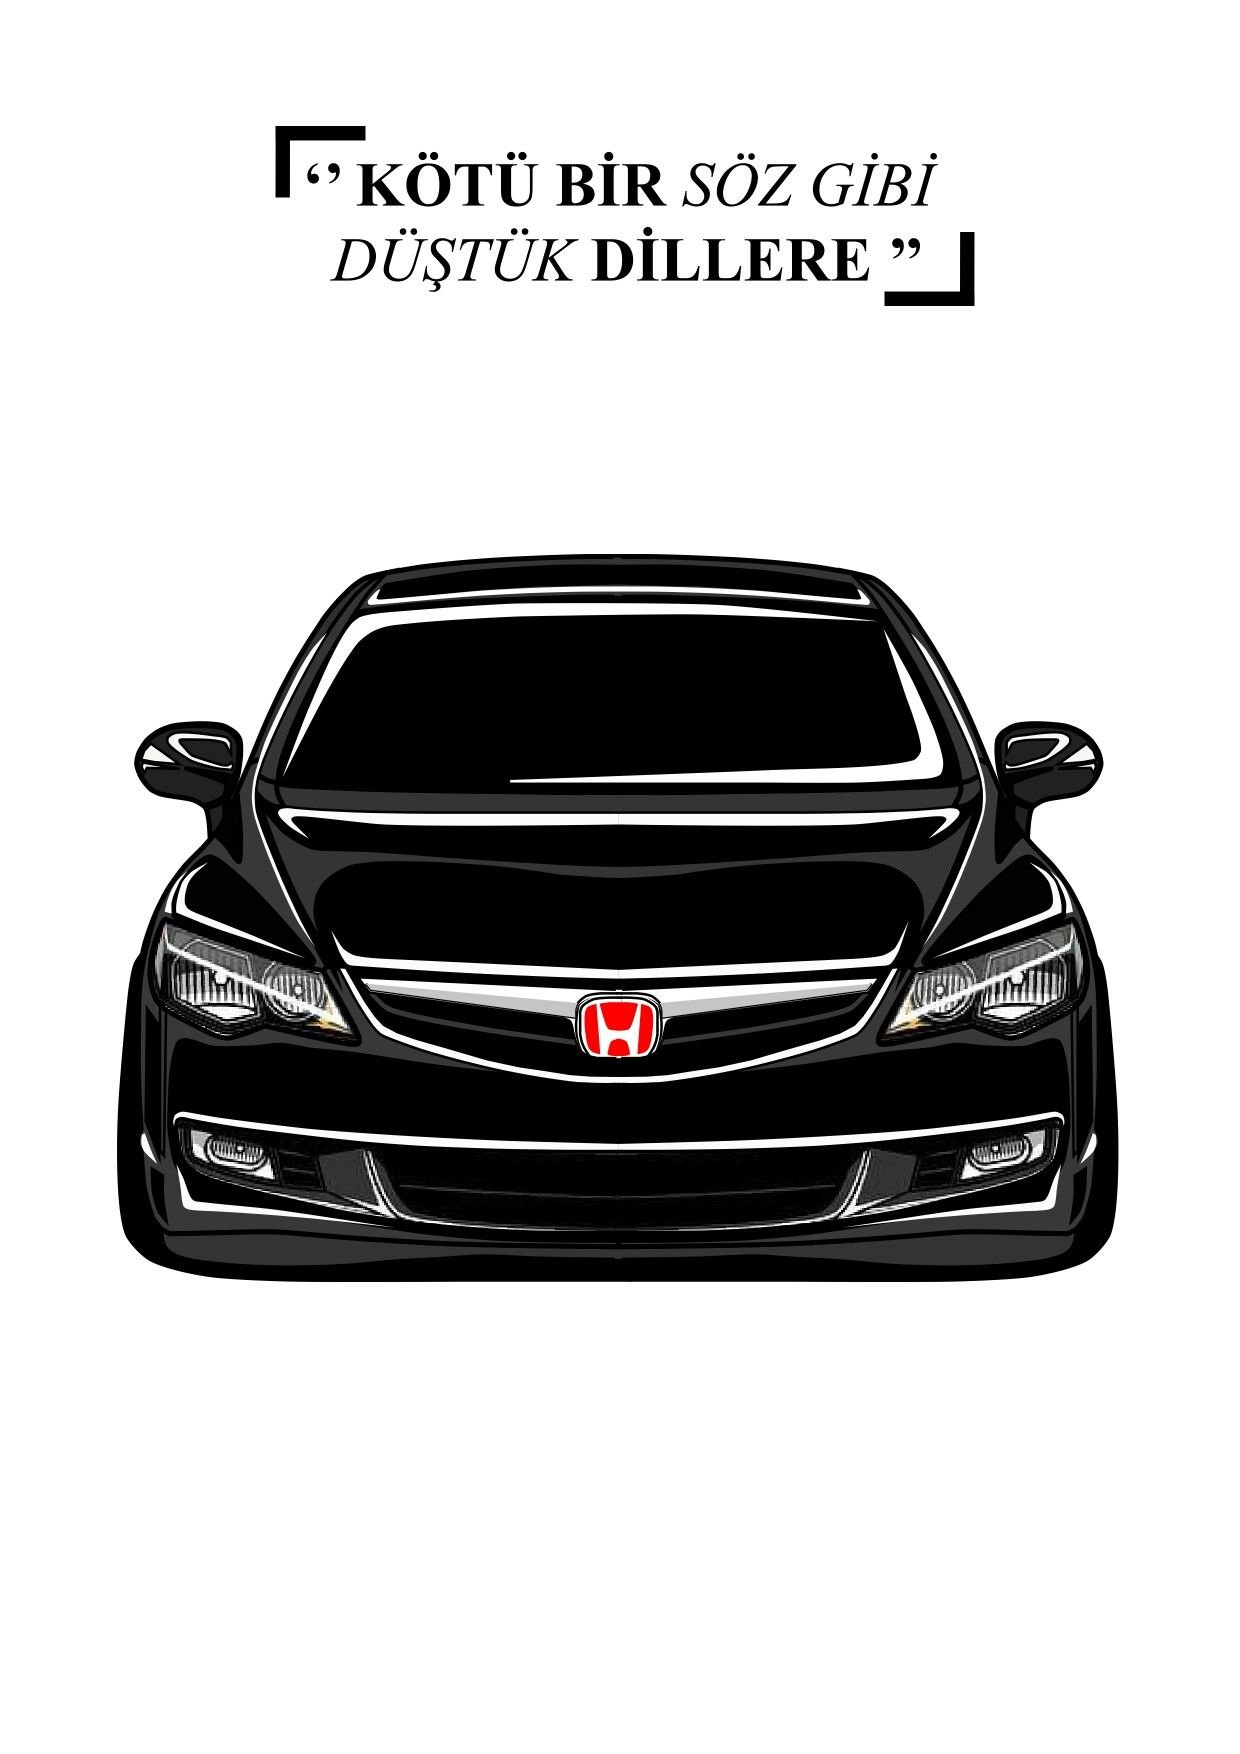 Kekurangan Mobil Sedan Honda Harga